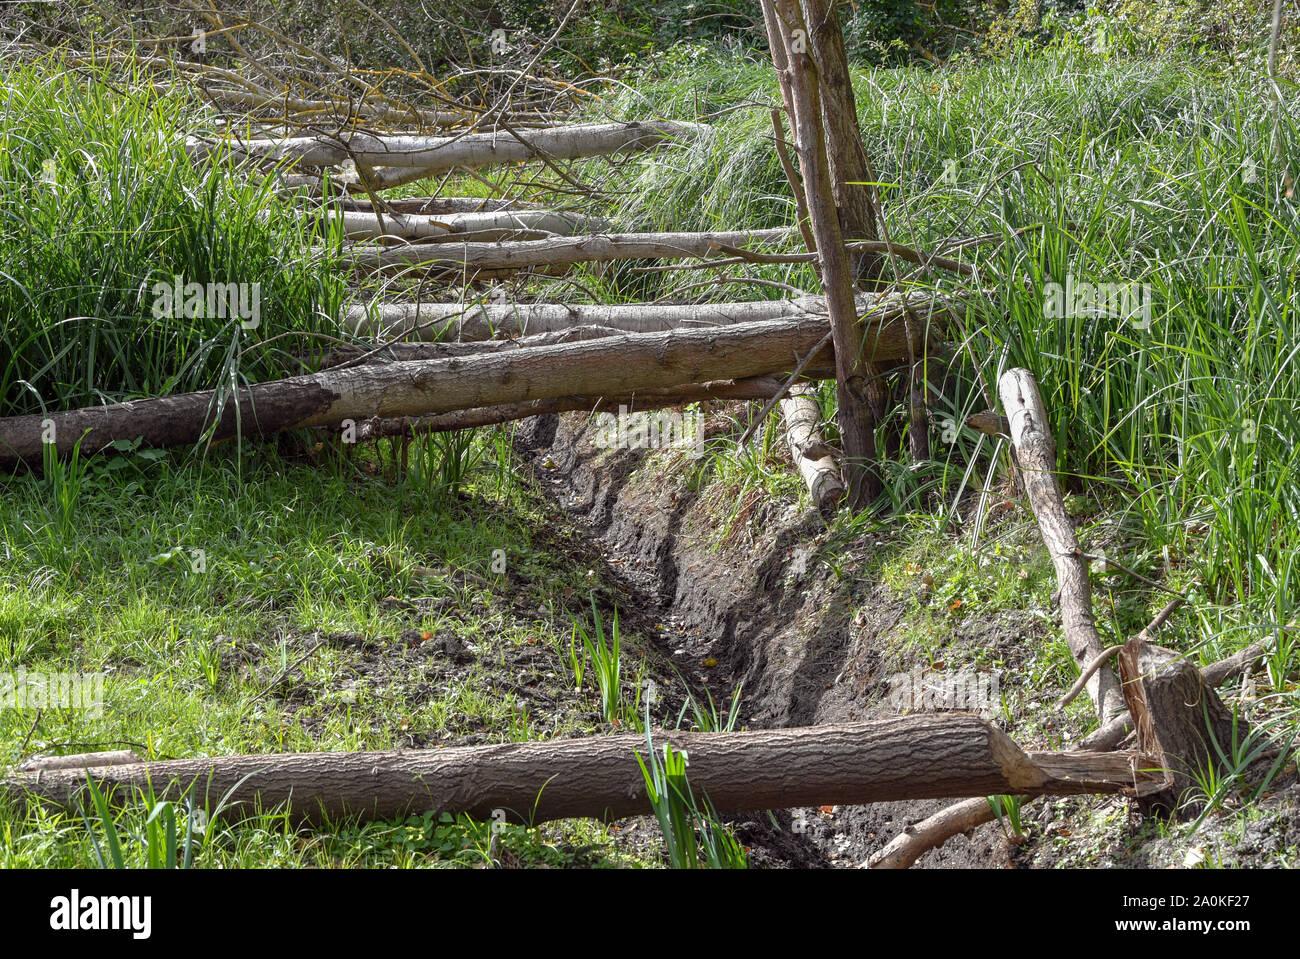 16 de septiembre de 2019, Brandenburgo, Steinhöfel: Álamos talados por castores radican en una zona pantanosa en seco. Foto: Patrick Pleul/dpa-Zentralbild/ZB Foto de stock